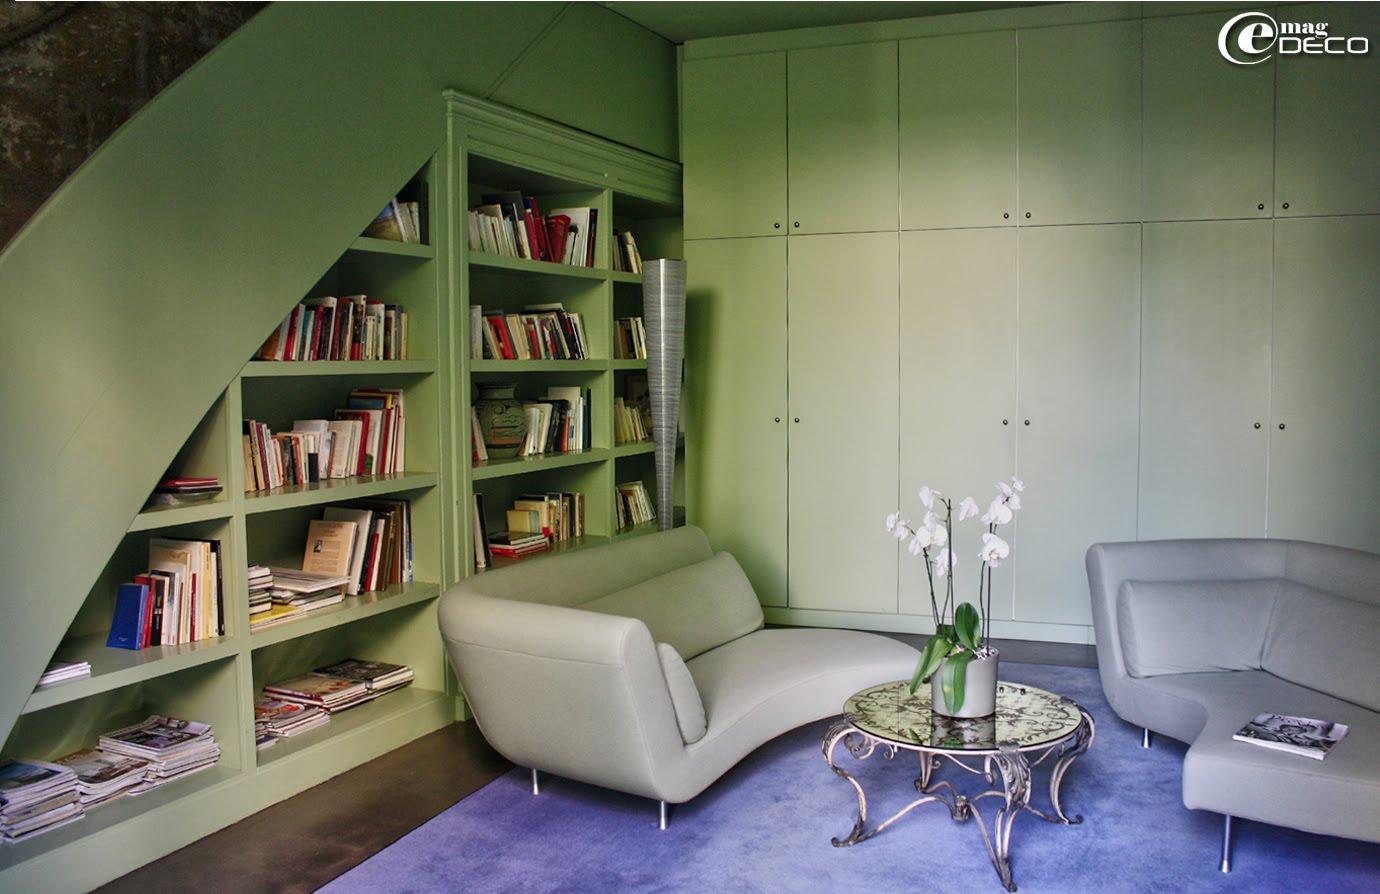 Le salon-bibliothèque de La Maison Bord'Eaux, hôtel à Bordeaux